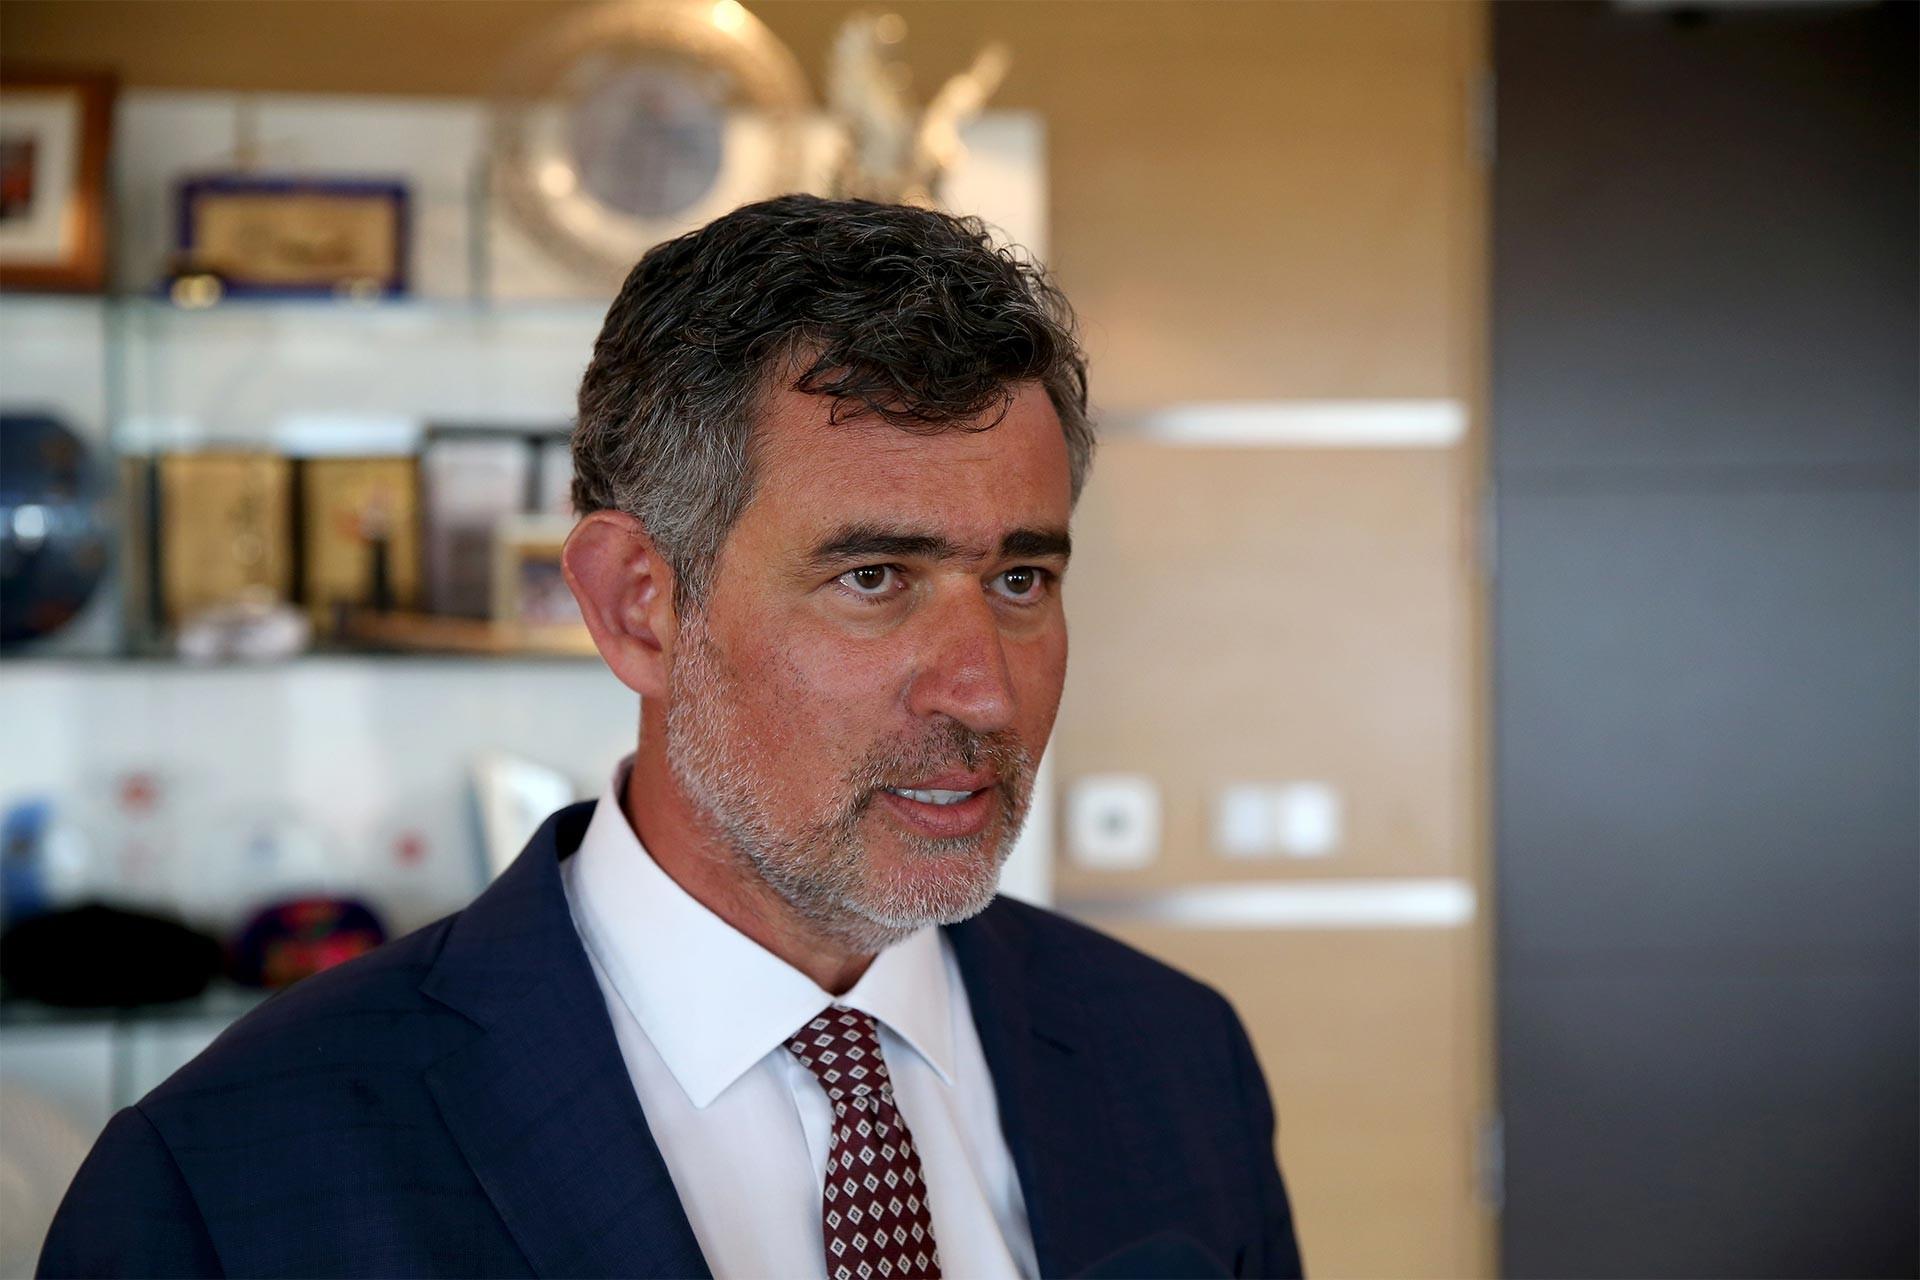 Barolar Birliği Başkanı Metin Feyzioğlu: Adli yıl açılışı önemli diyalog zemini